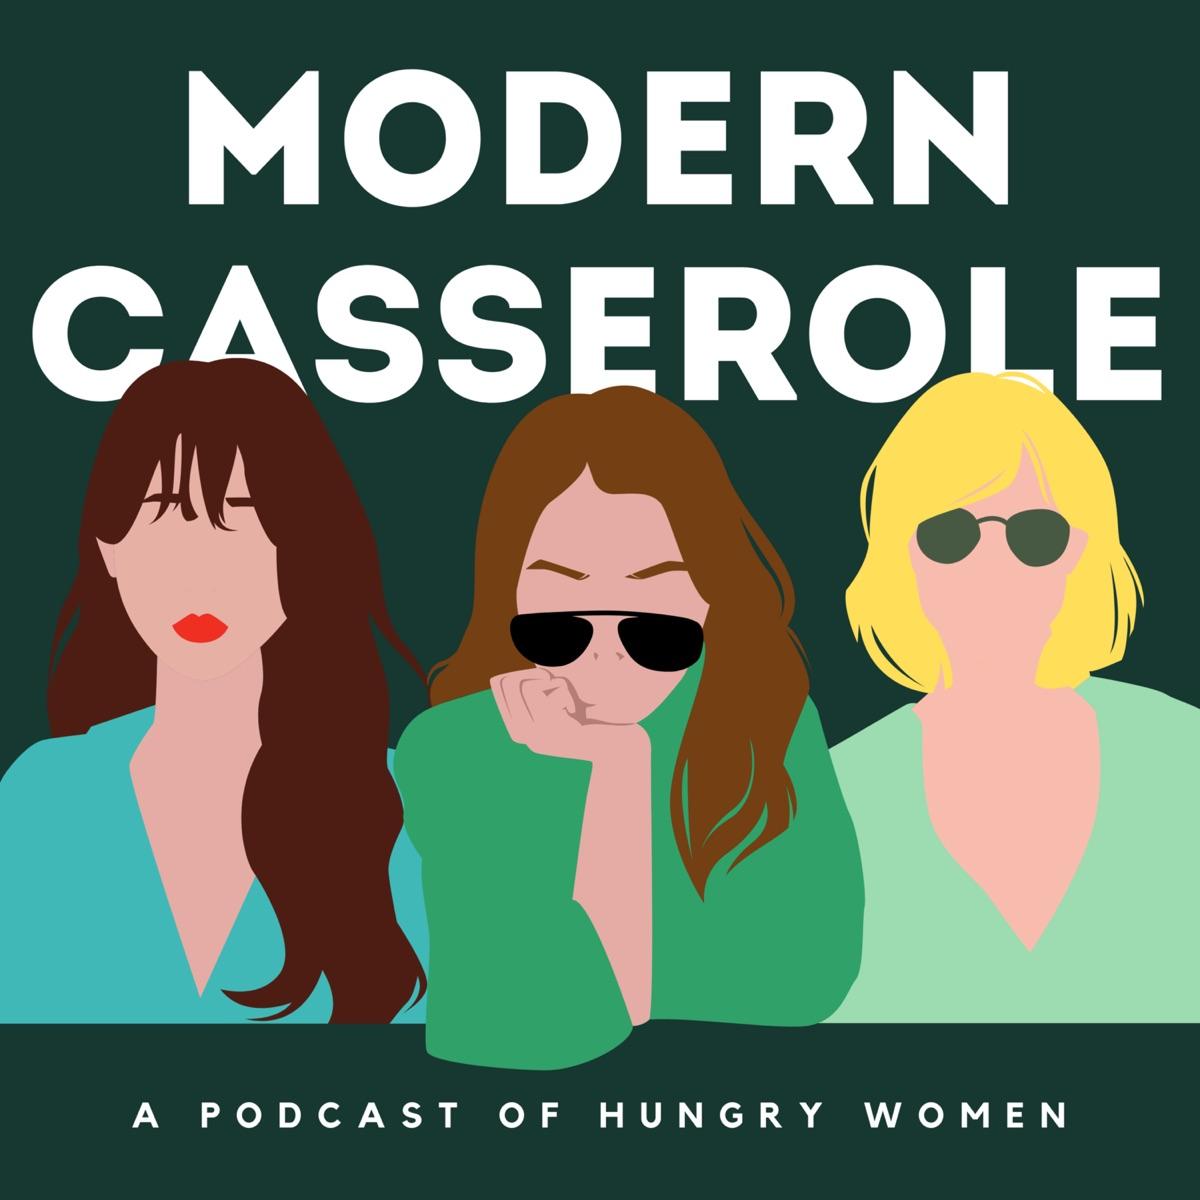 Modern Casserole